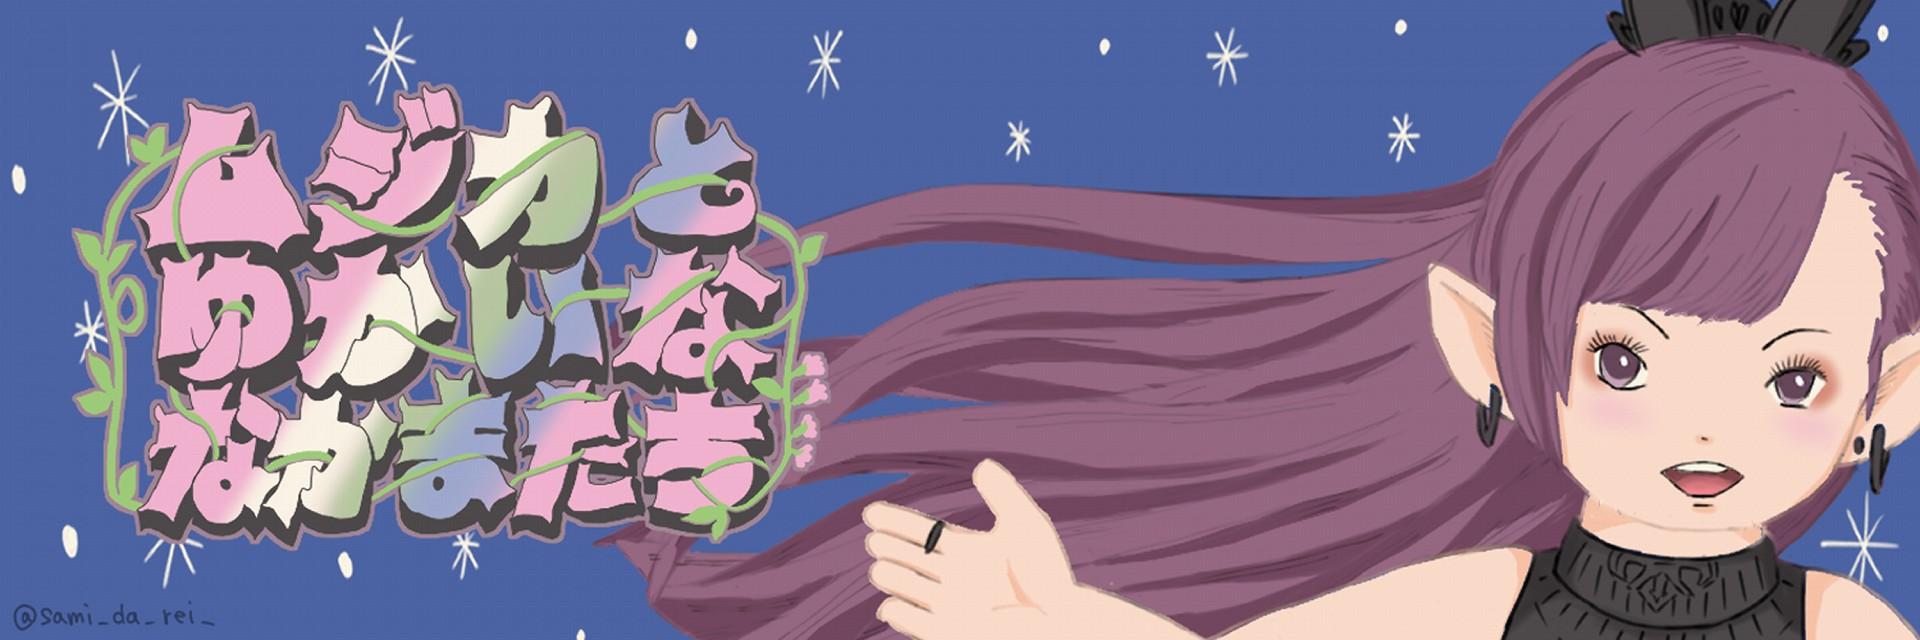 f:id:ryoushitsu-musica:20210915161447j:image